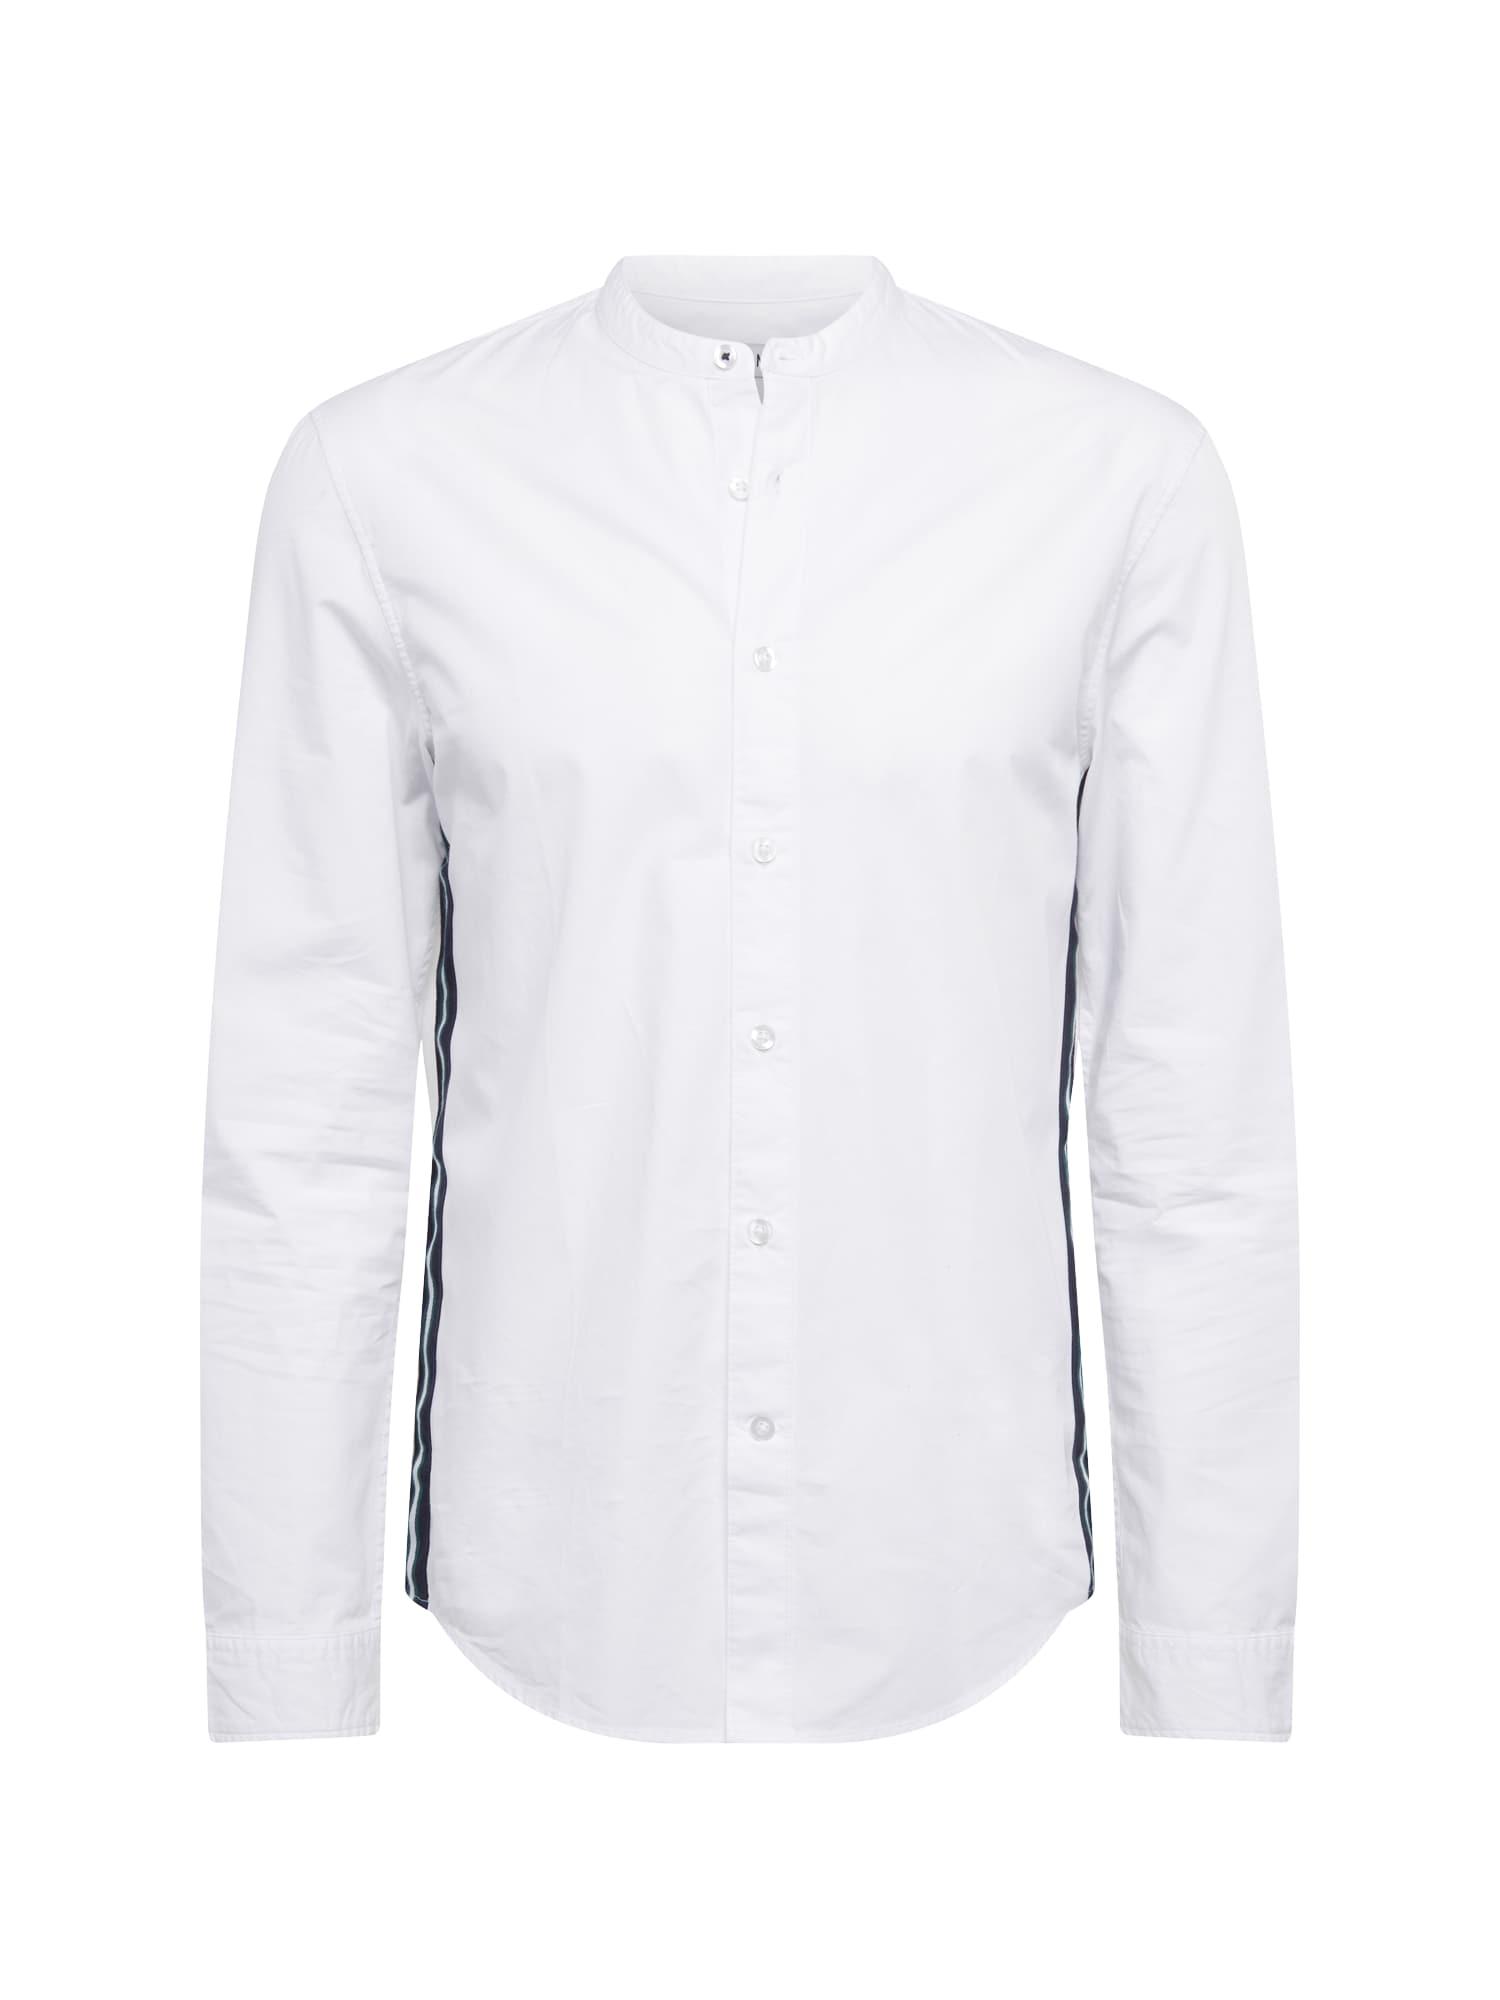 Košile Placket Tape Shirt černá bílá KIOMI